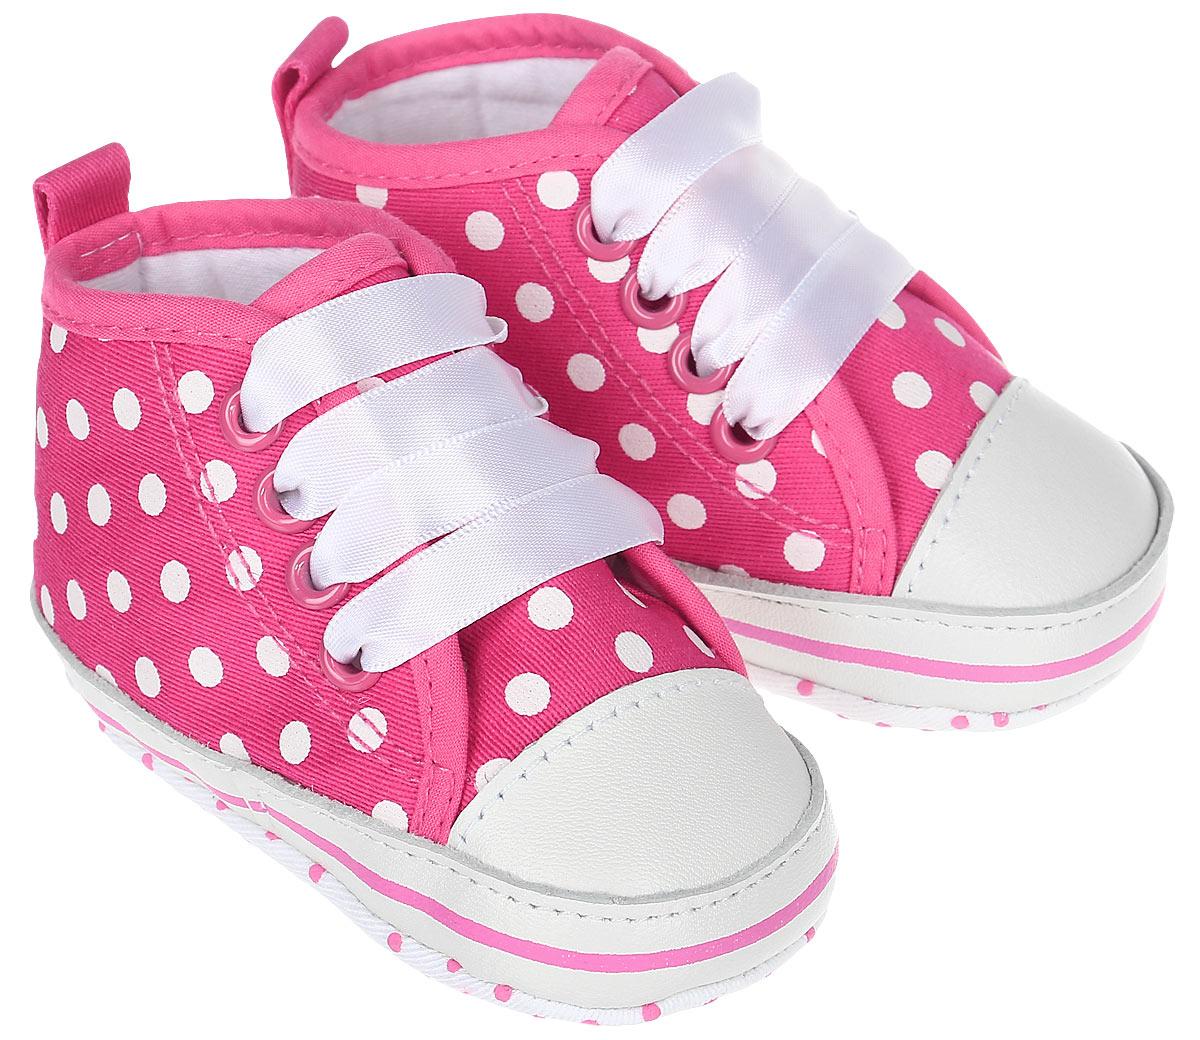 Пинетки для девочки Kapika, цвет: фуксия, белый. 10123. Размер 18 пинетки детские капика цвет серый 10126 размер 18